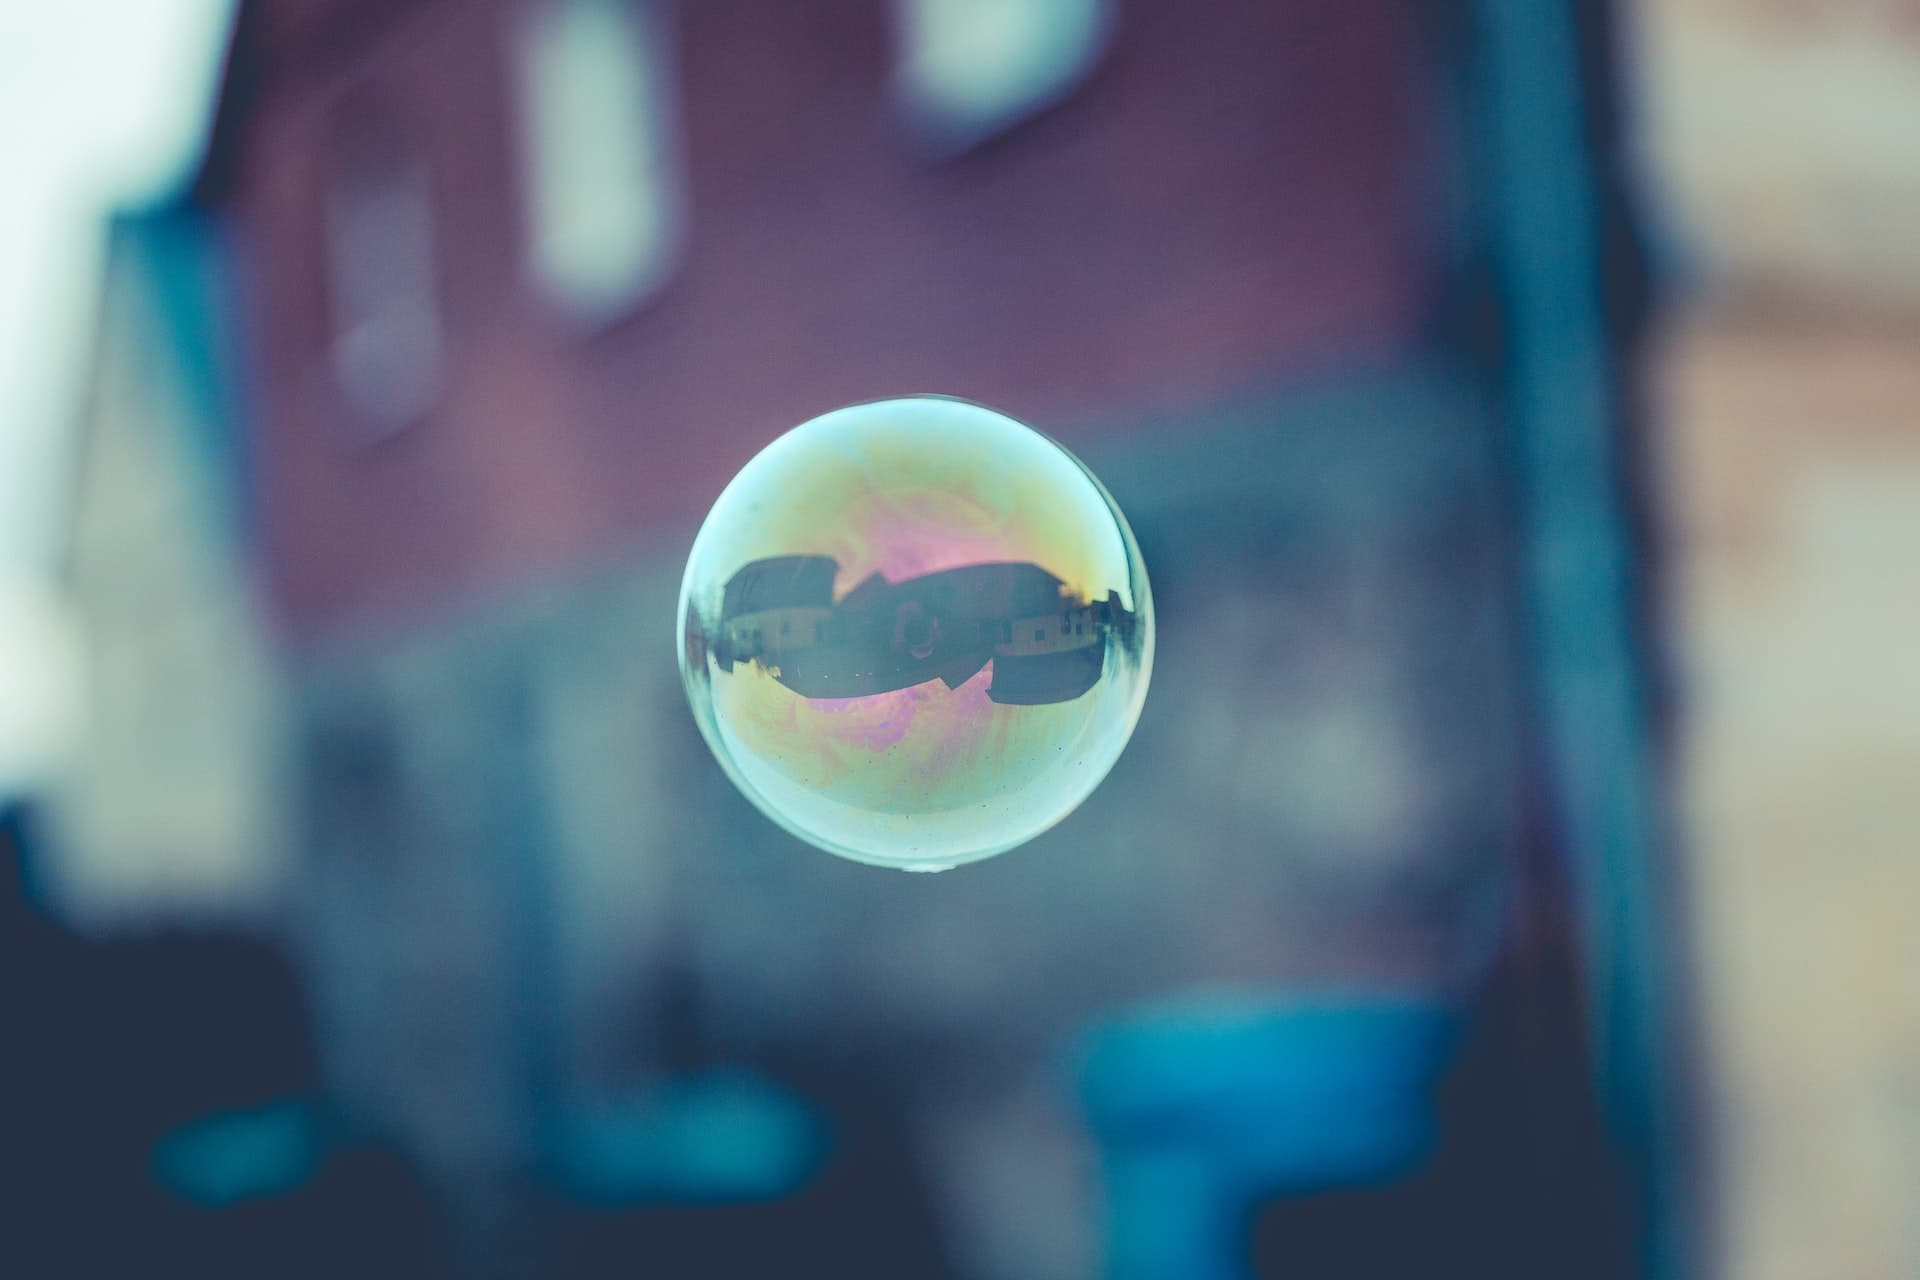 Droht die Blase nun zu platzen?